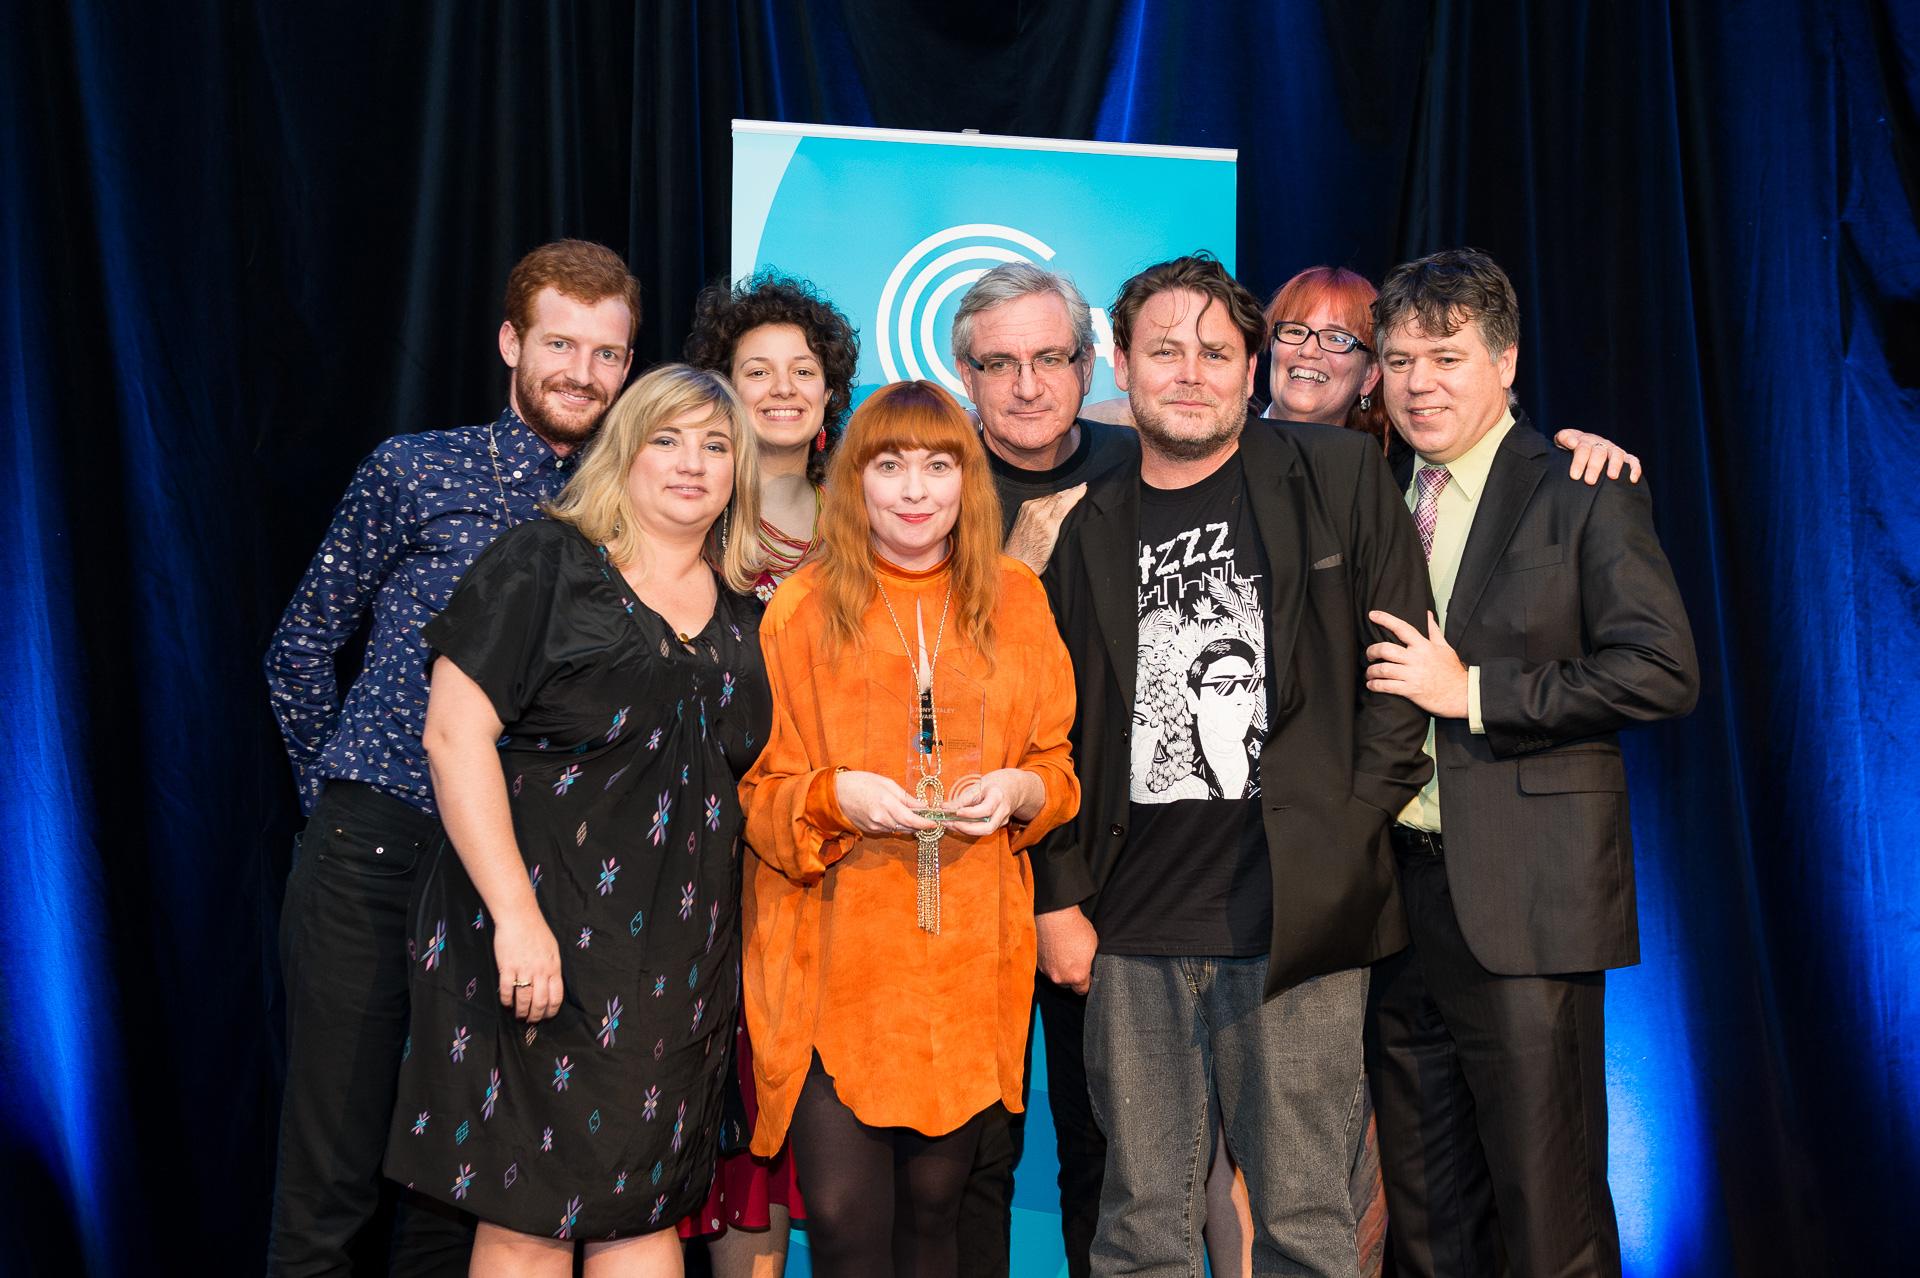 Tony Staley Award Winners - 4ZZZ